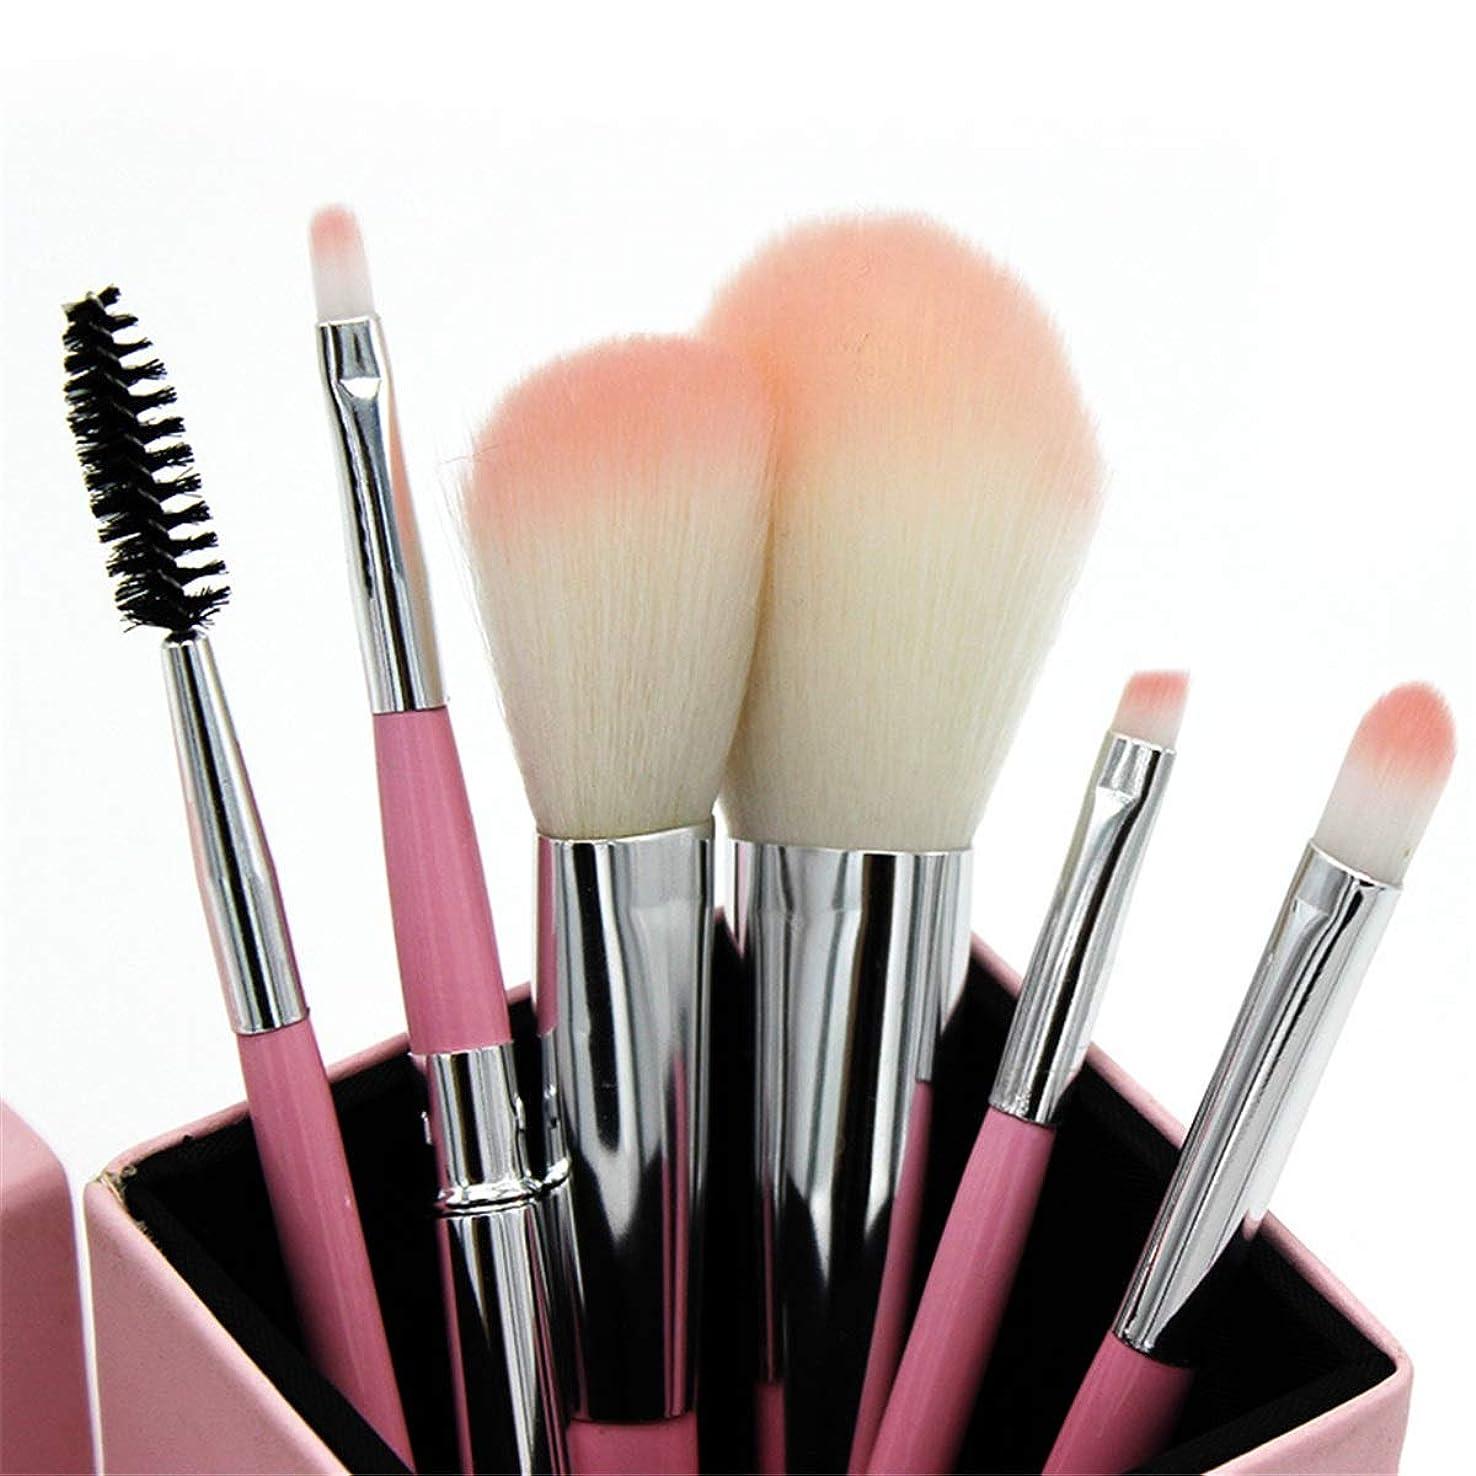 ボンド巻き戻すほかに化粧用品 新しい8ピース竹炭繊維ピンク化粧ブラシバレル美容メイク柔らかい髪化粧ツールチューブアイシャドウブラシ